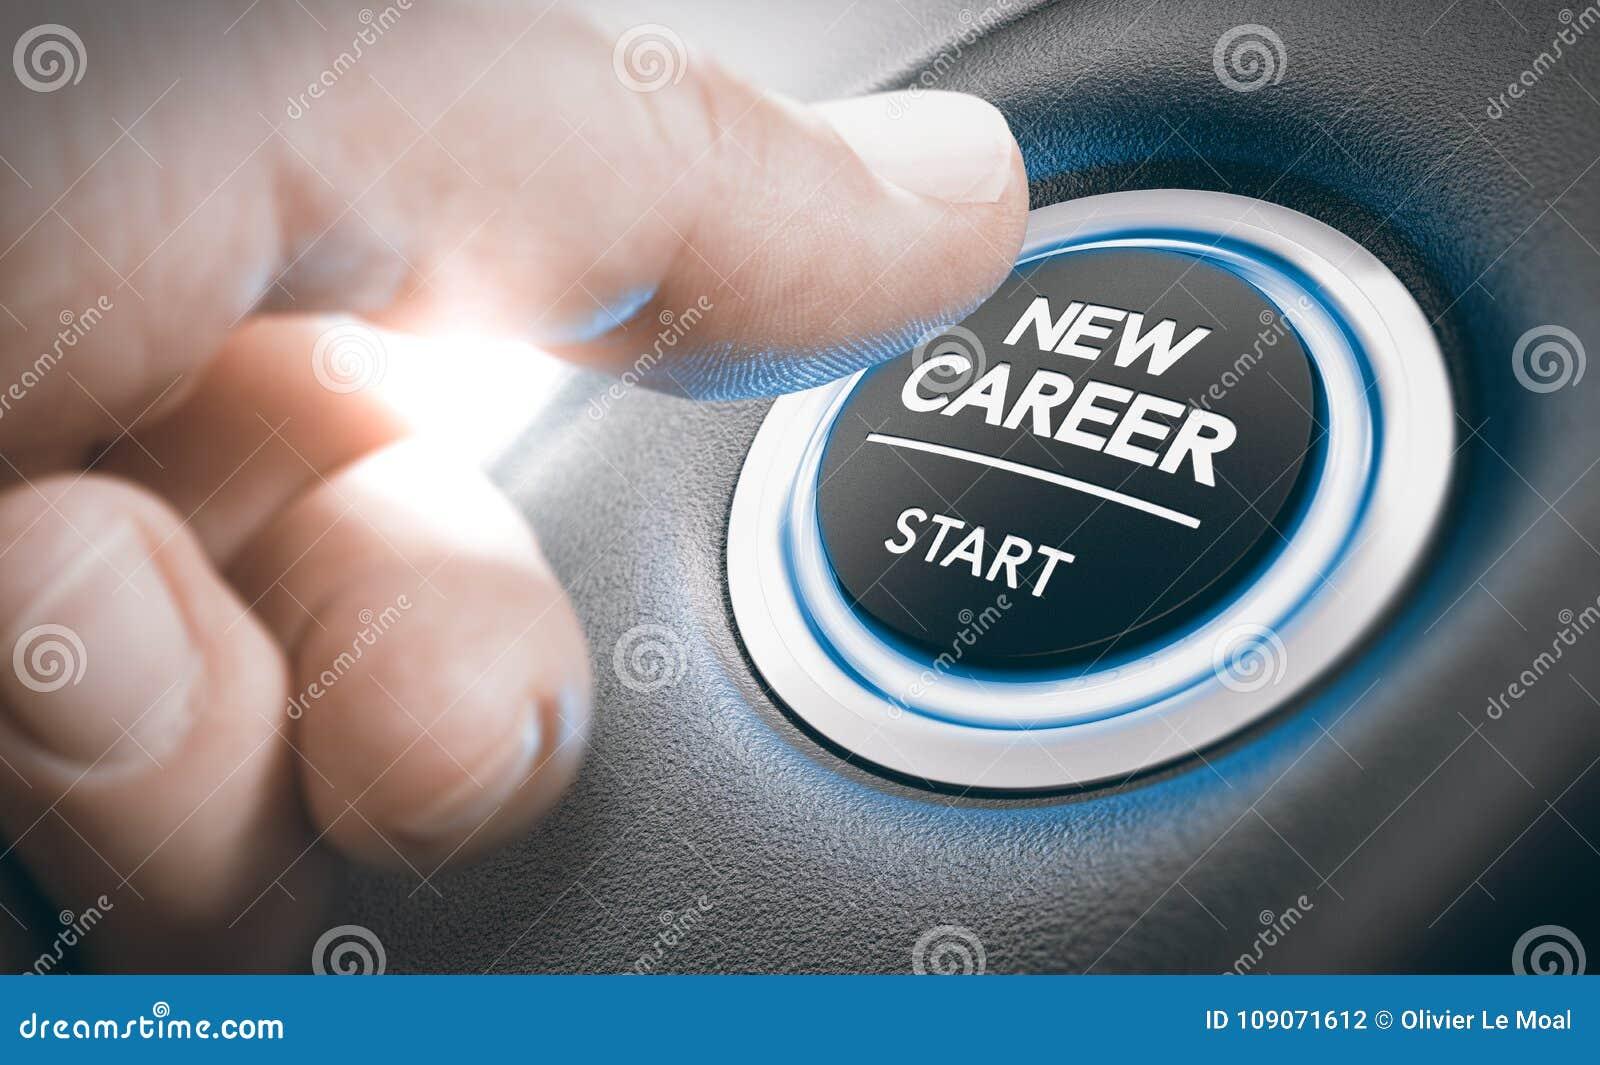 事业机会,补充或给雇用职员概念